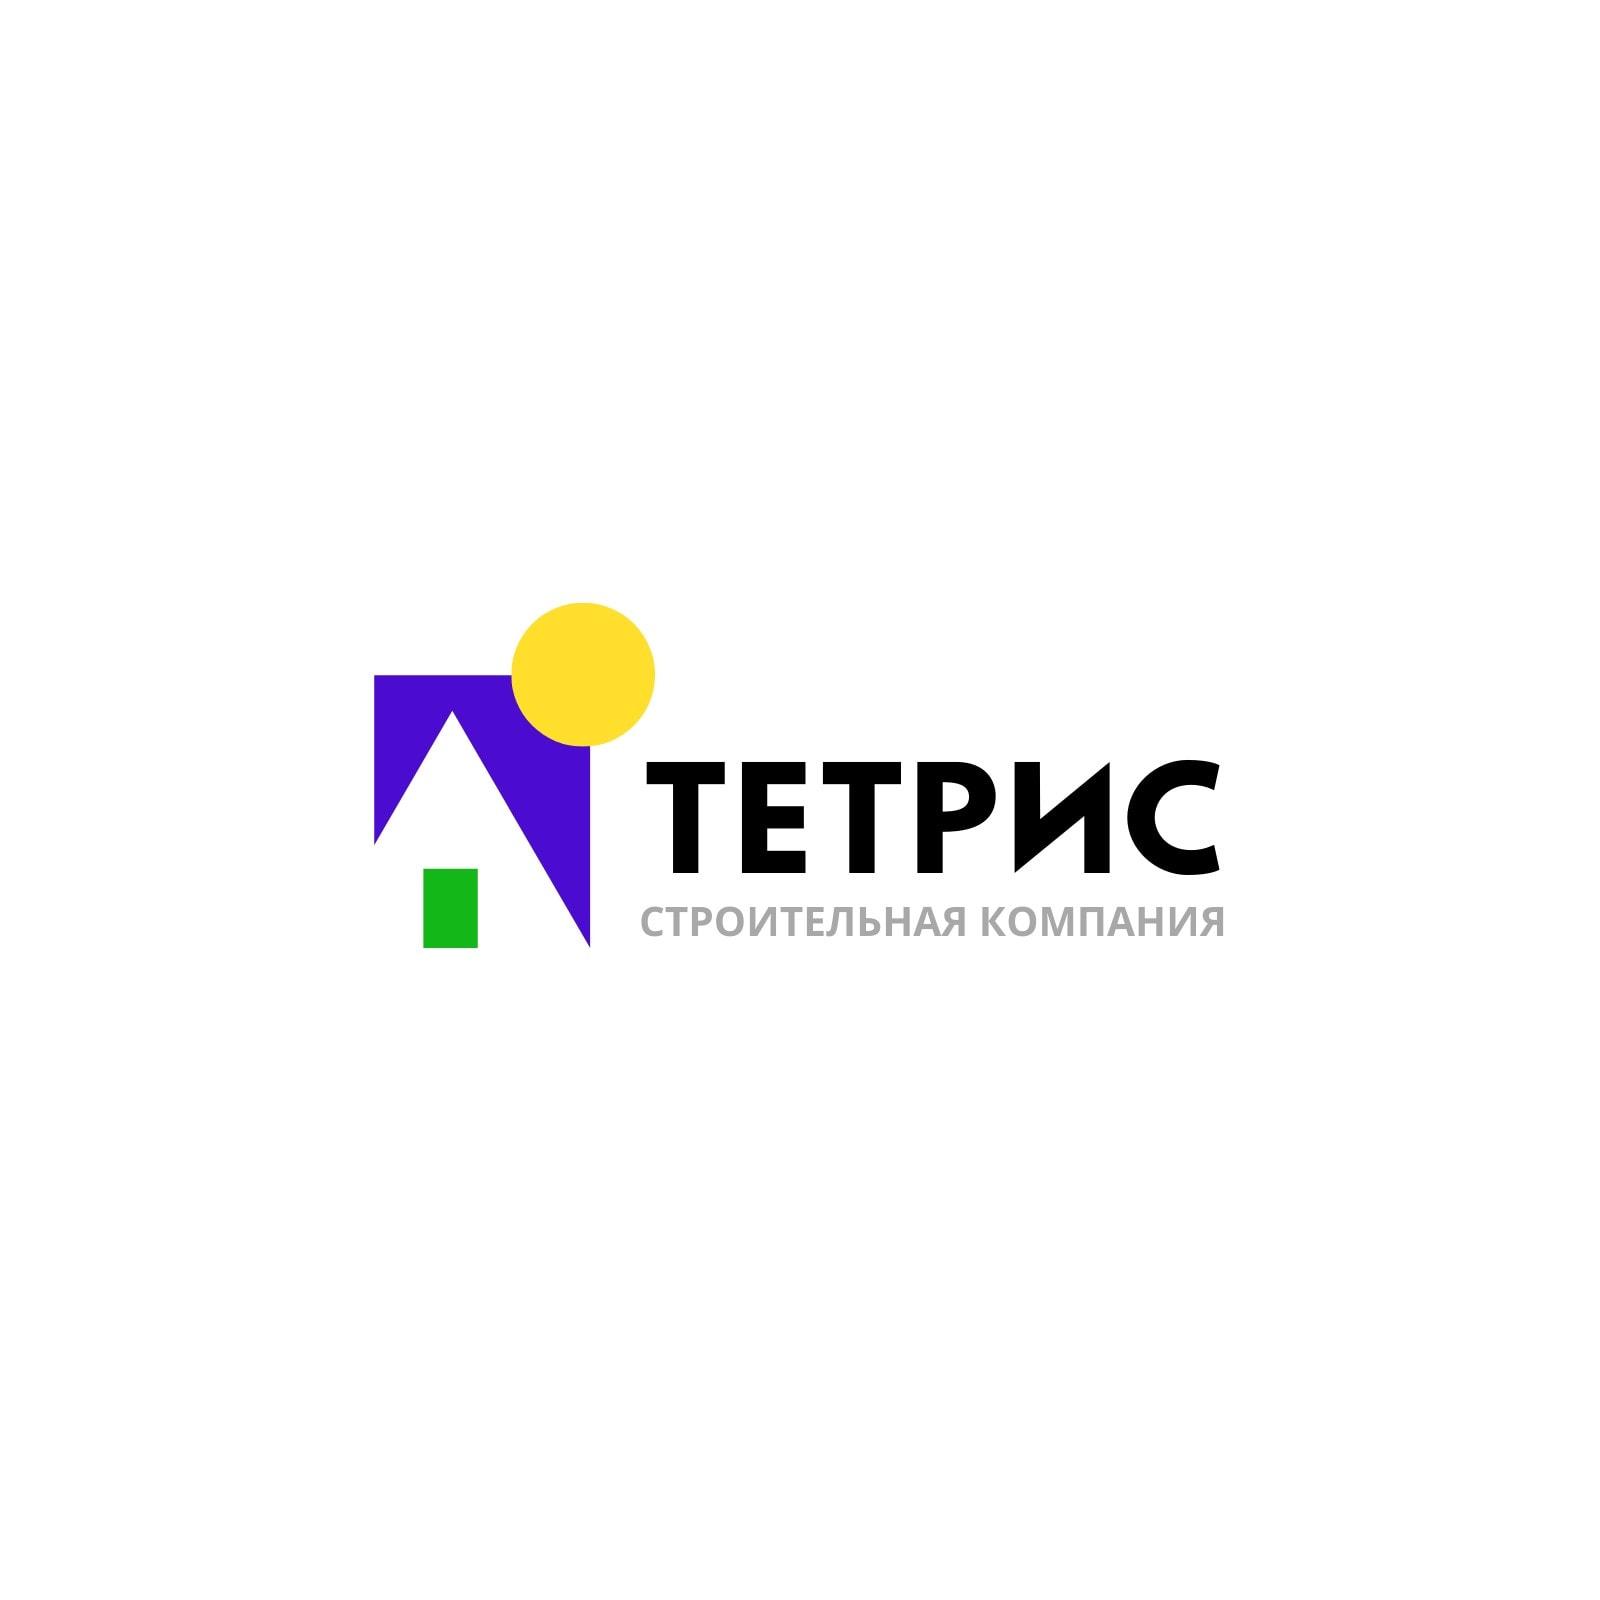 Цветной логотип строительной компании с геометрическим рисунком